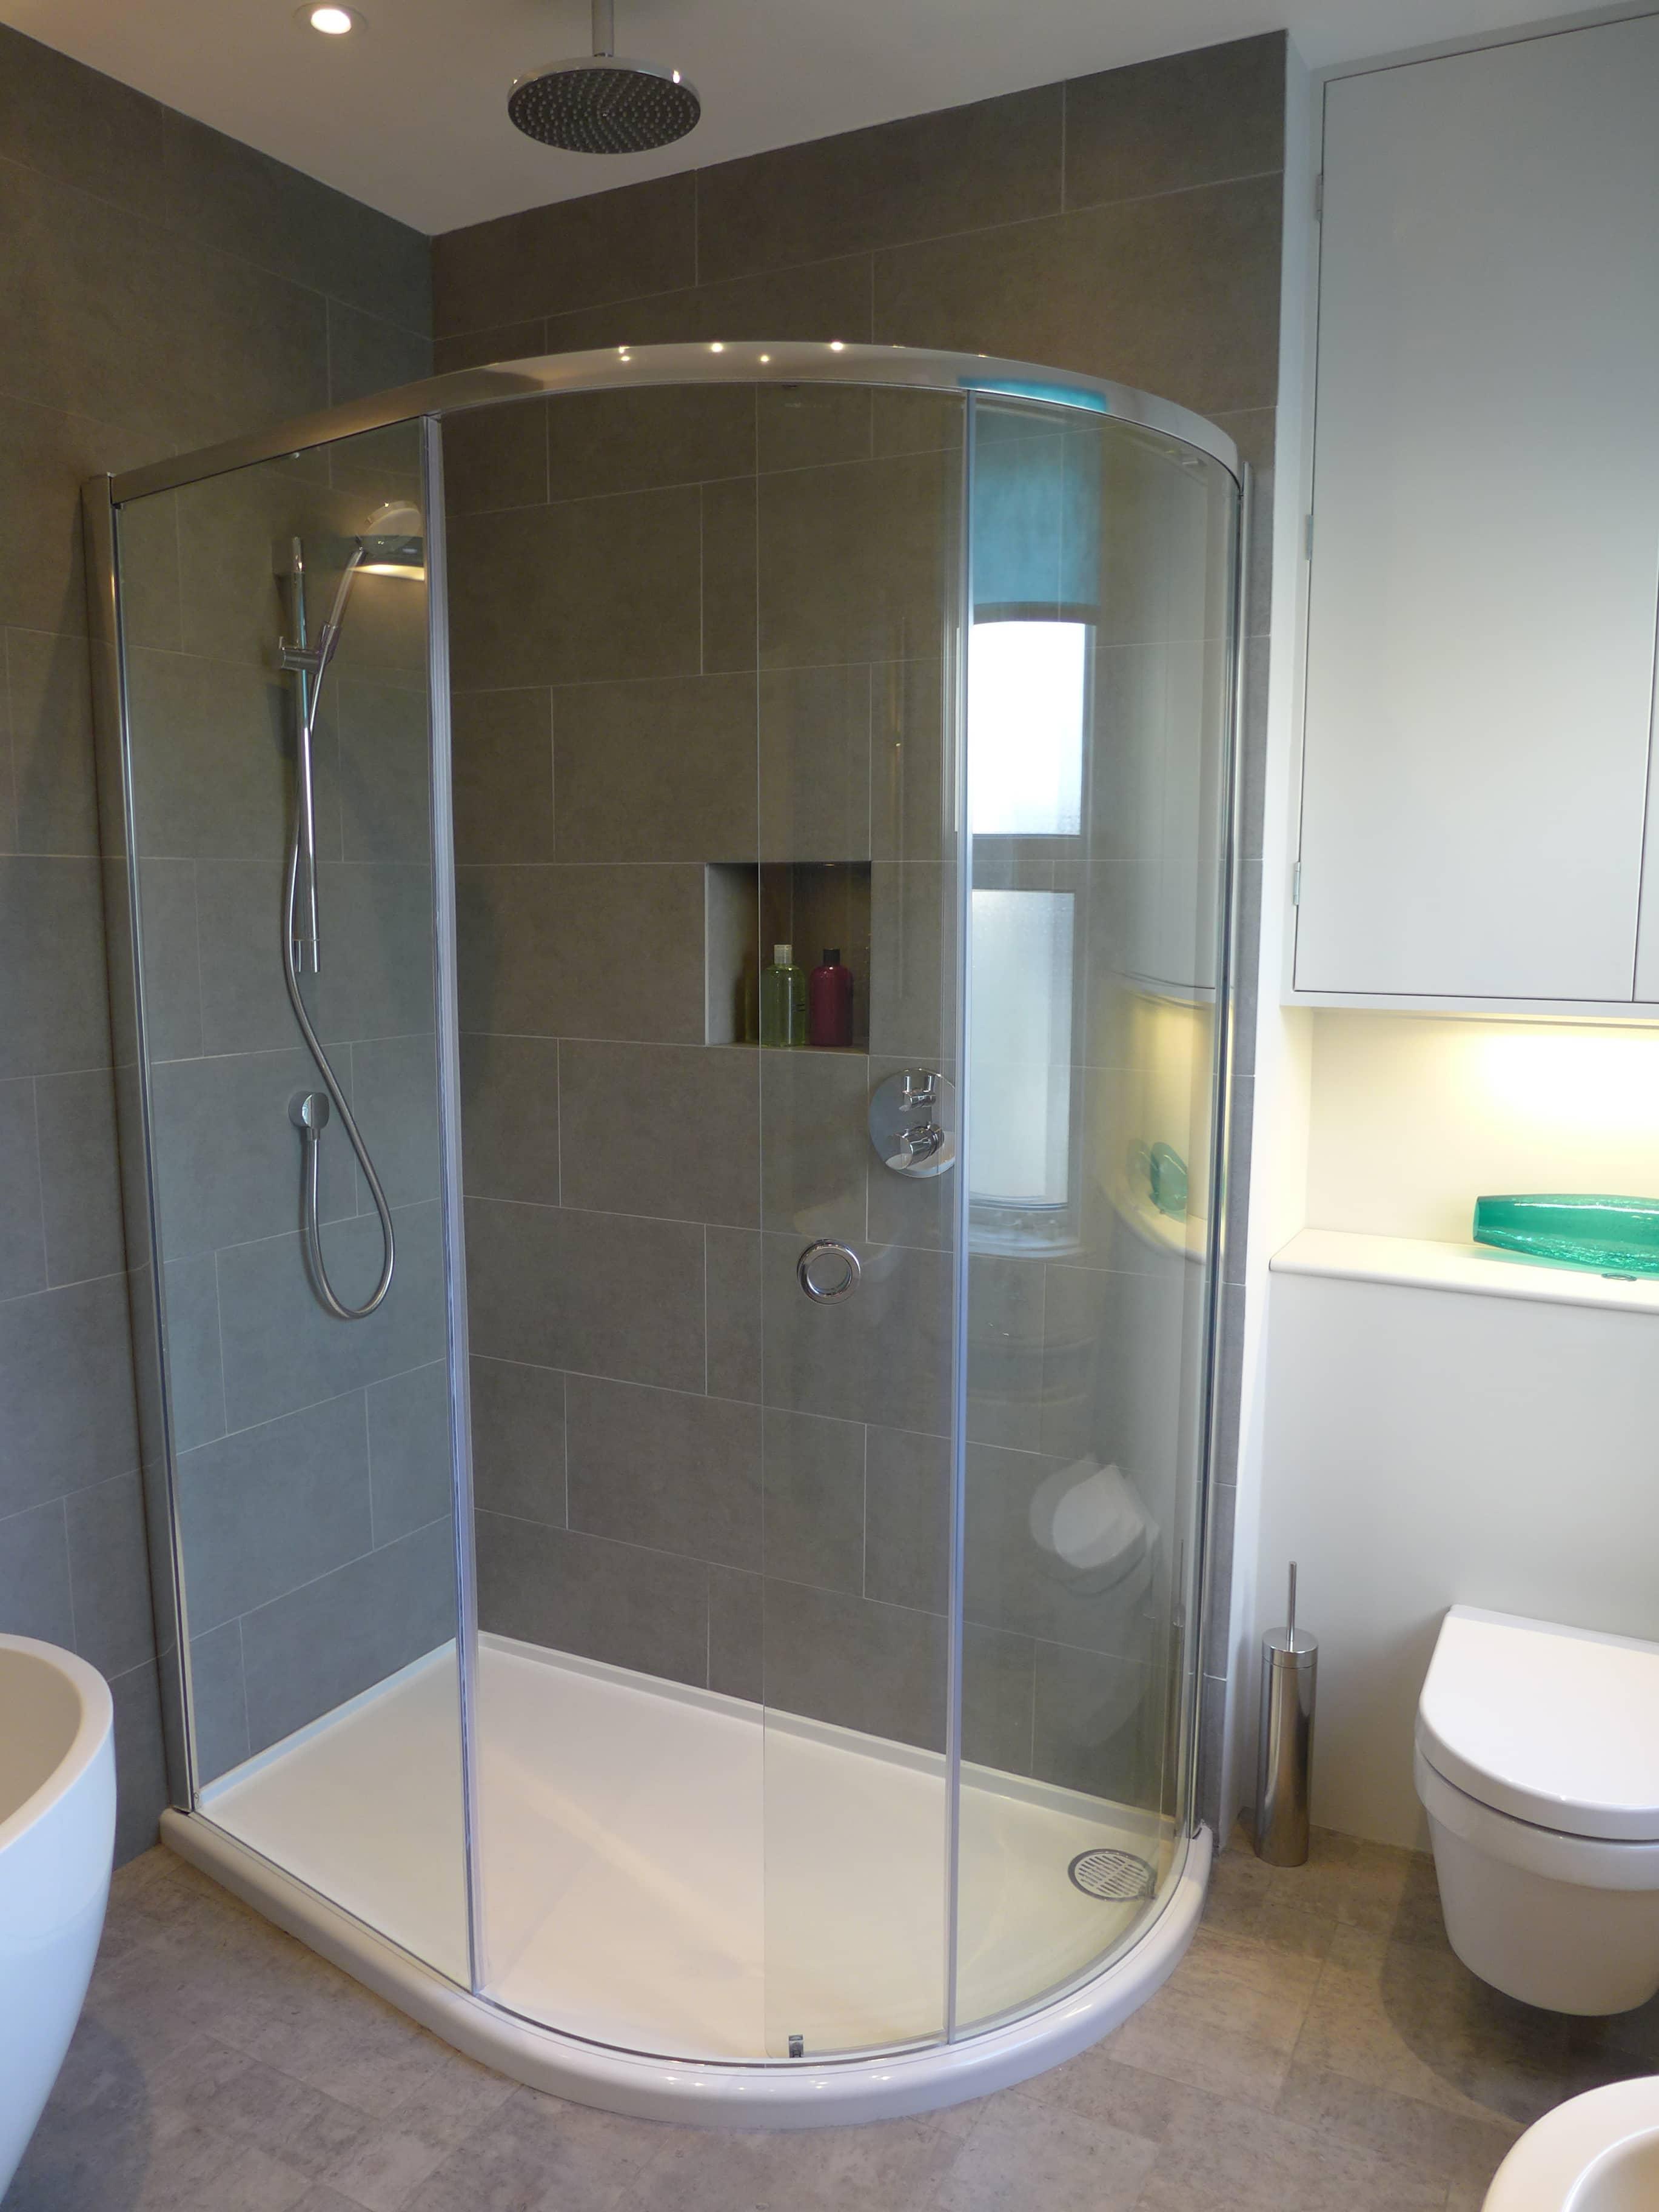 Tile shower and bath area 13m2 650 800 labour 2736x3648